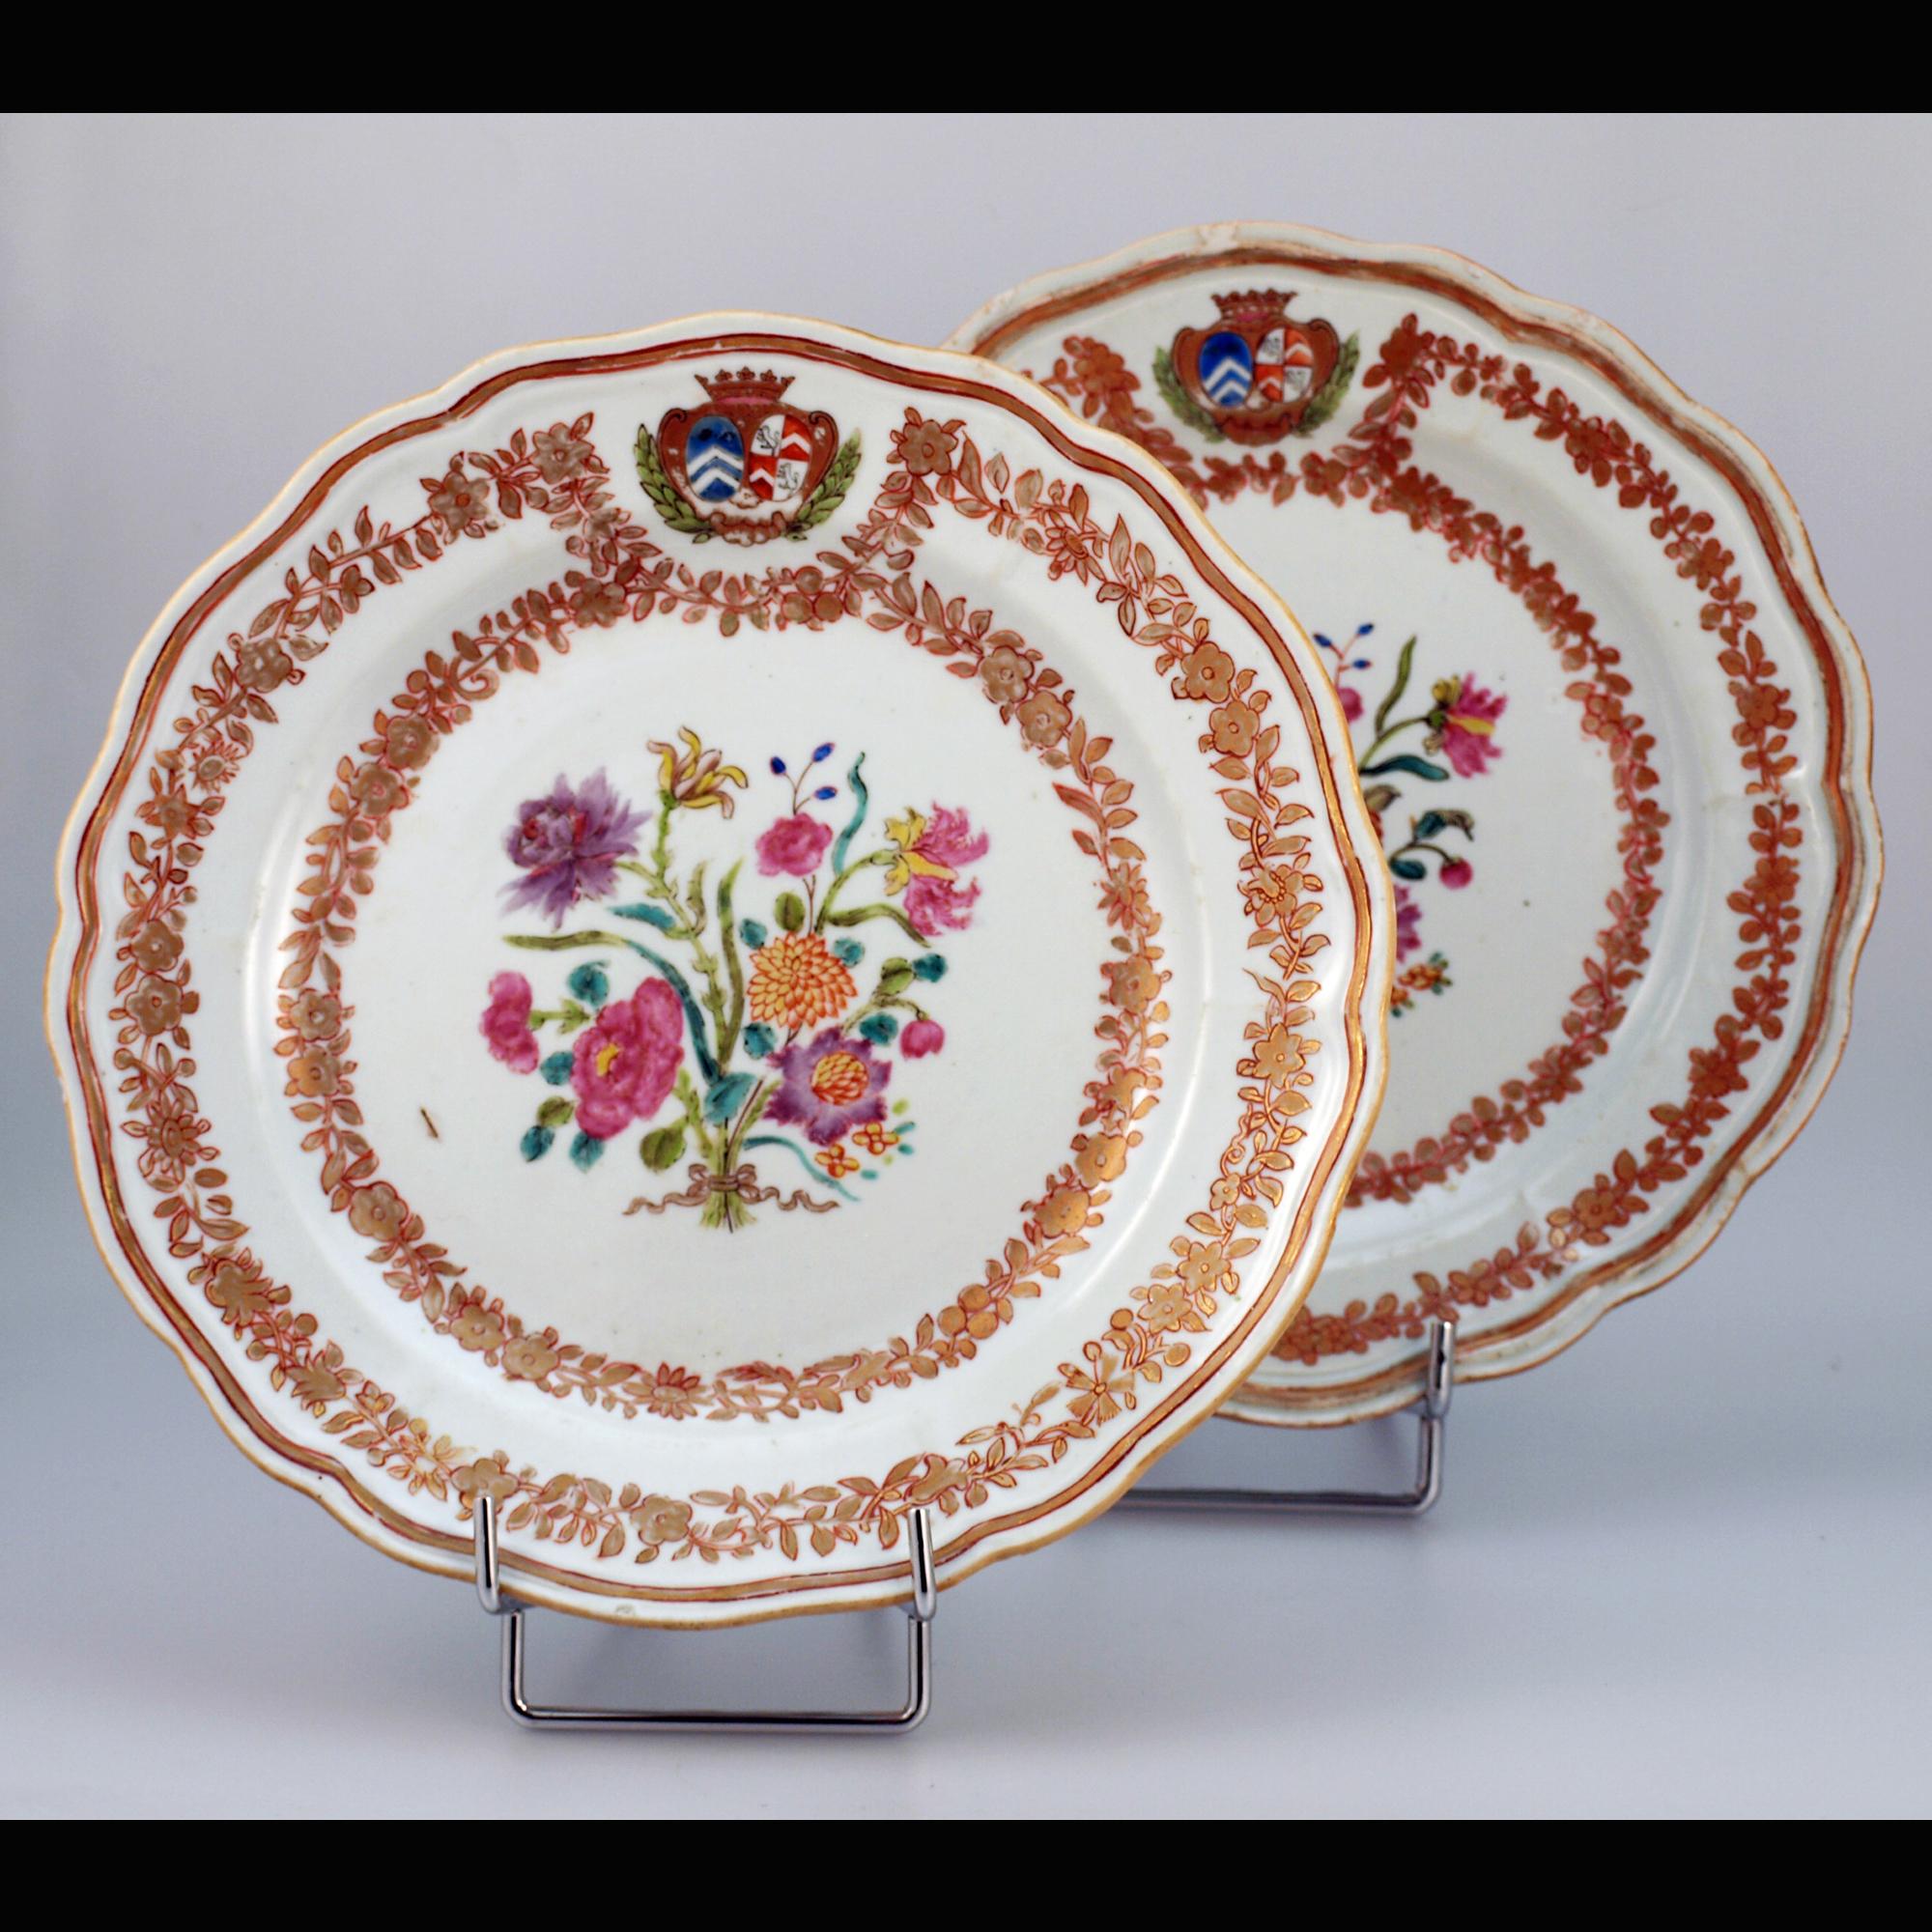 Chine, paire d'assiettes armoriées, 18ème siècle